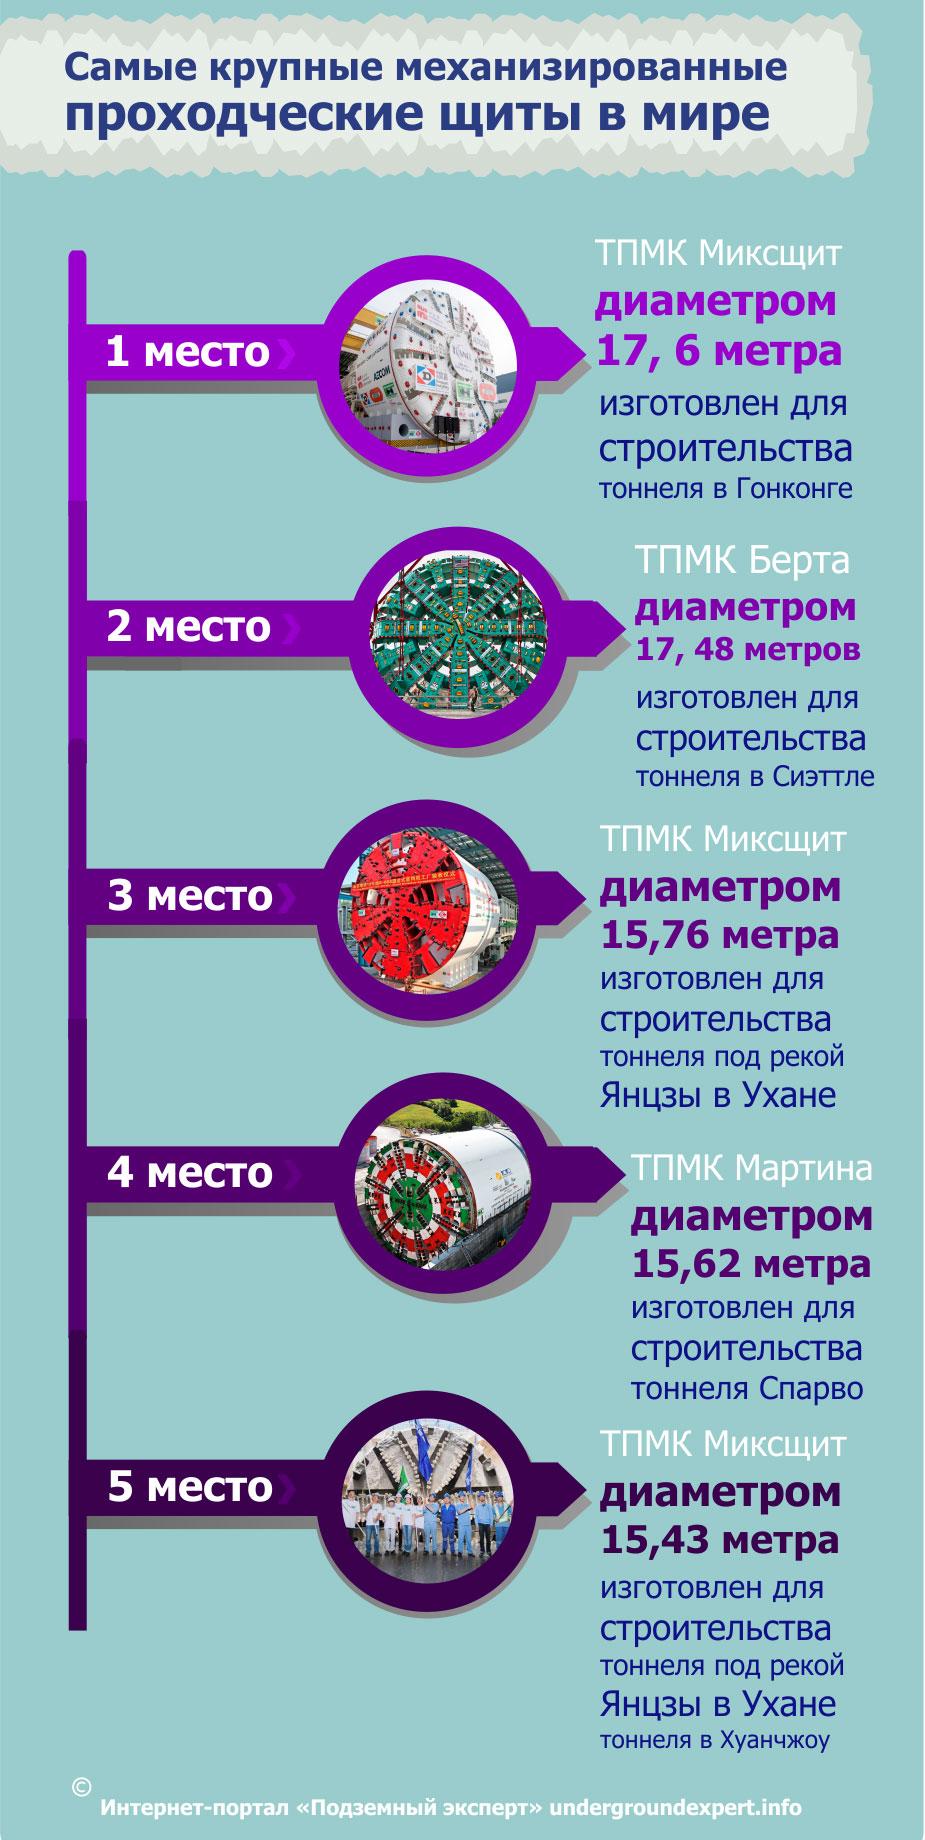 рекорды ТПМК